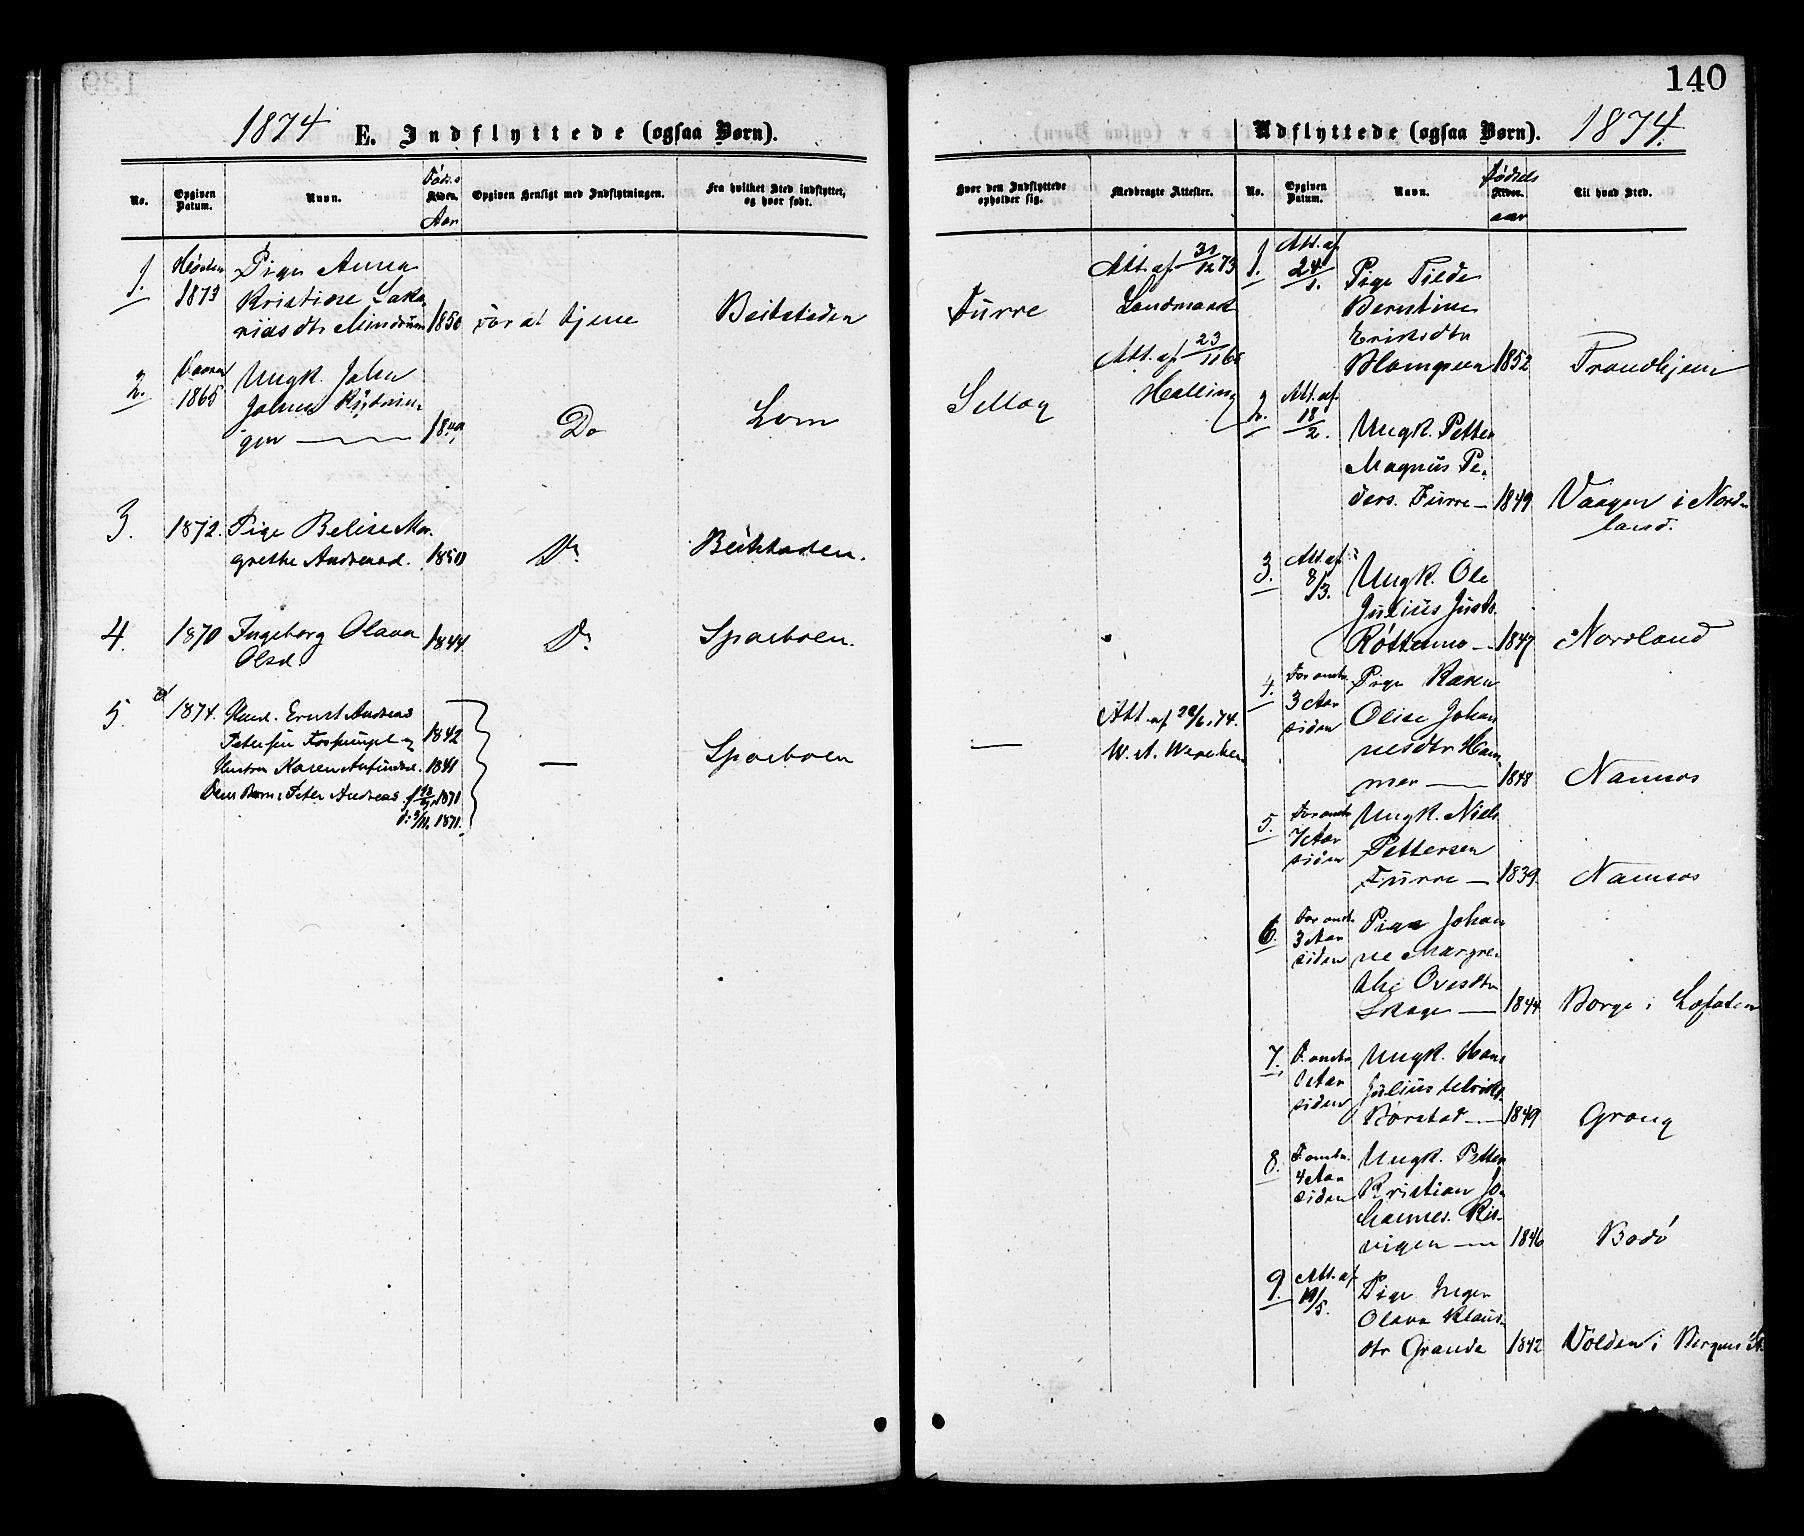 SAT, Ministerialprotokoller, klokkerbøker og fødselsregistre - Nord-Trøndelag, 764/L0554: Ministerialbok nr. 764A09, 1867-1880, s. 140